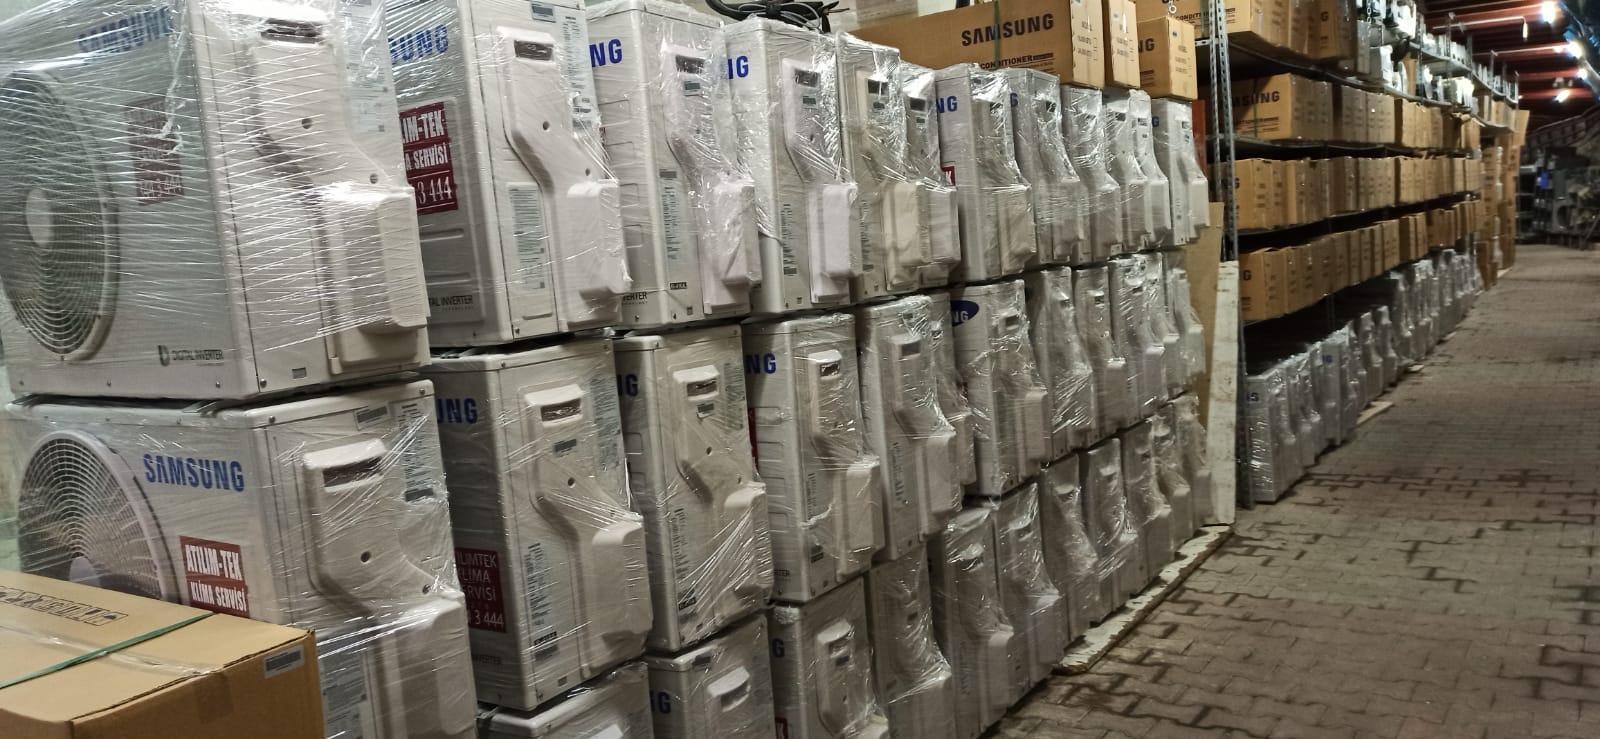 Samsung AR18RSFHCWK/SK Duvar Tipi Klima A++ Enerji Sınıfı 18000 BTU İnverter Duvar Tipi Klima